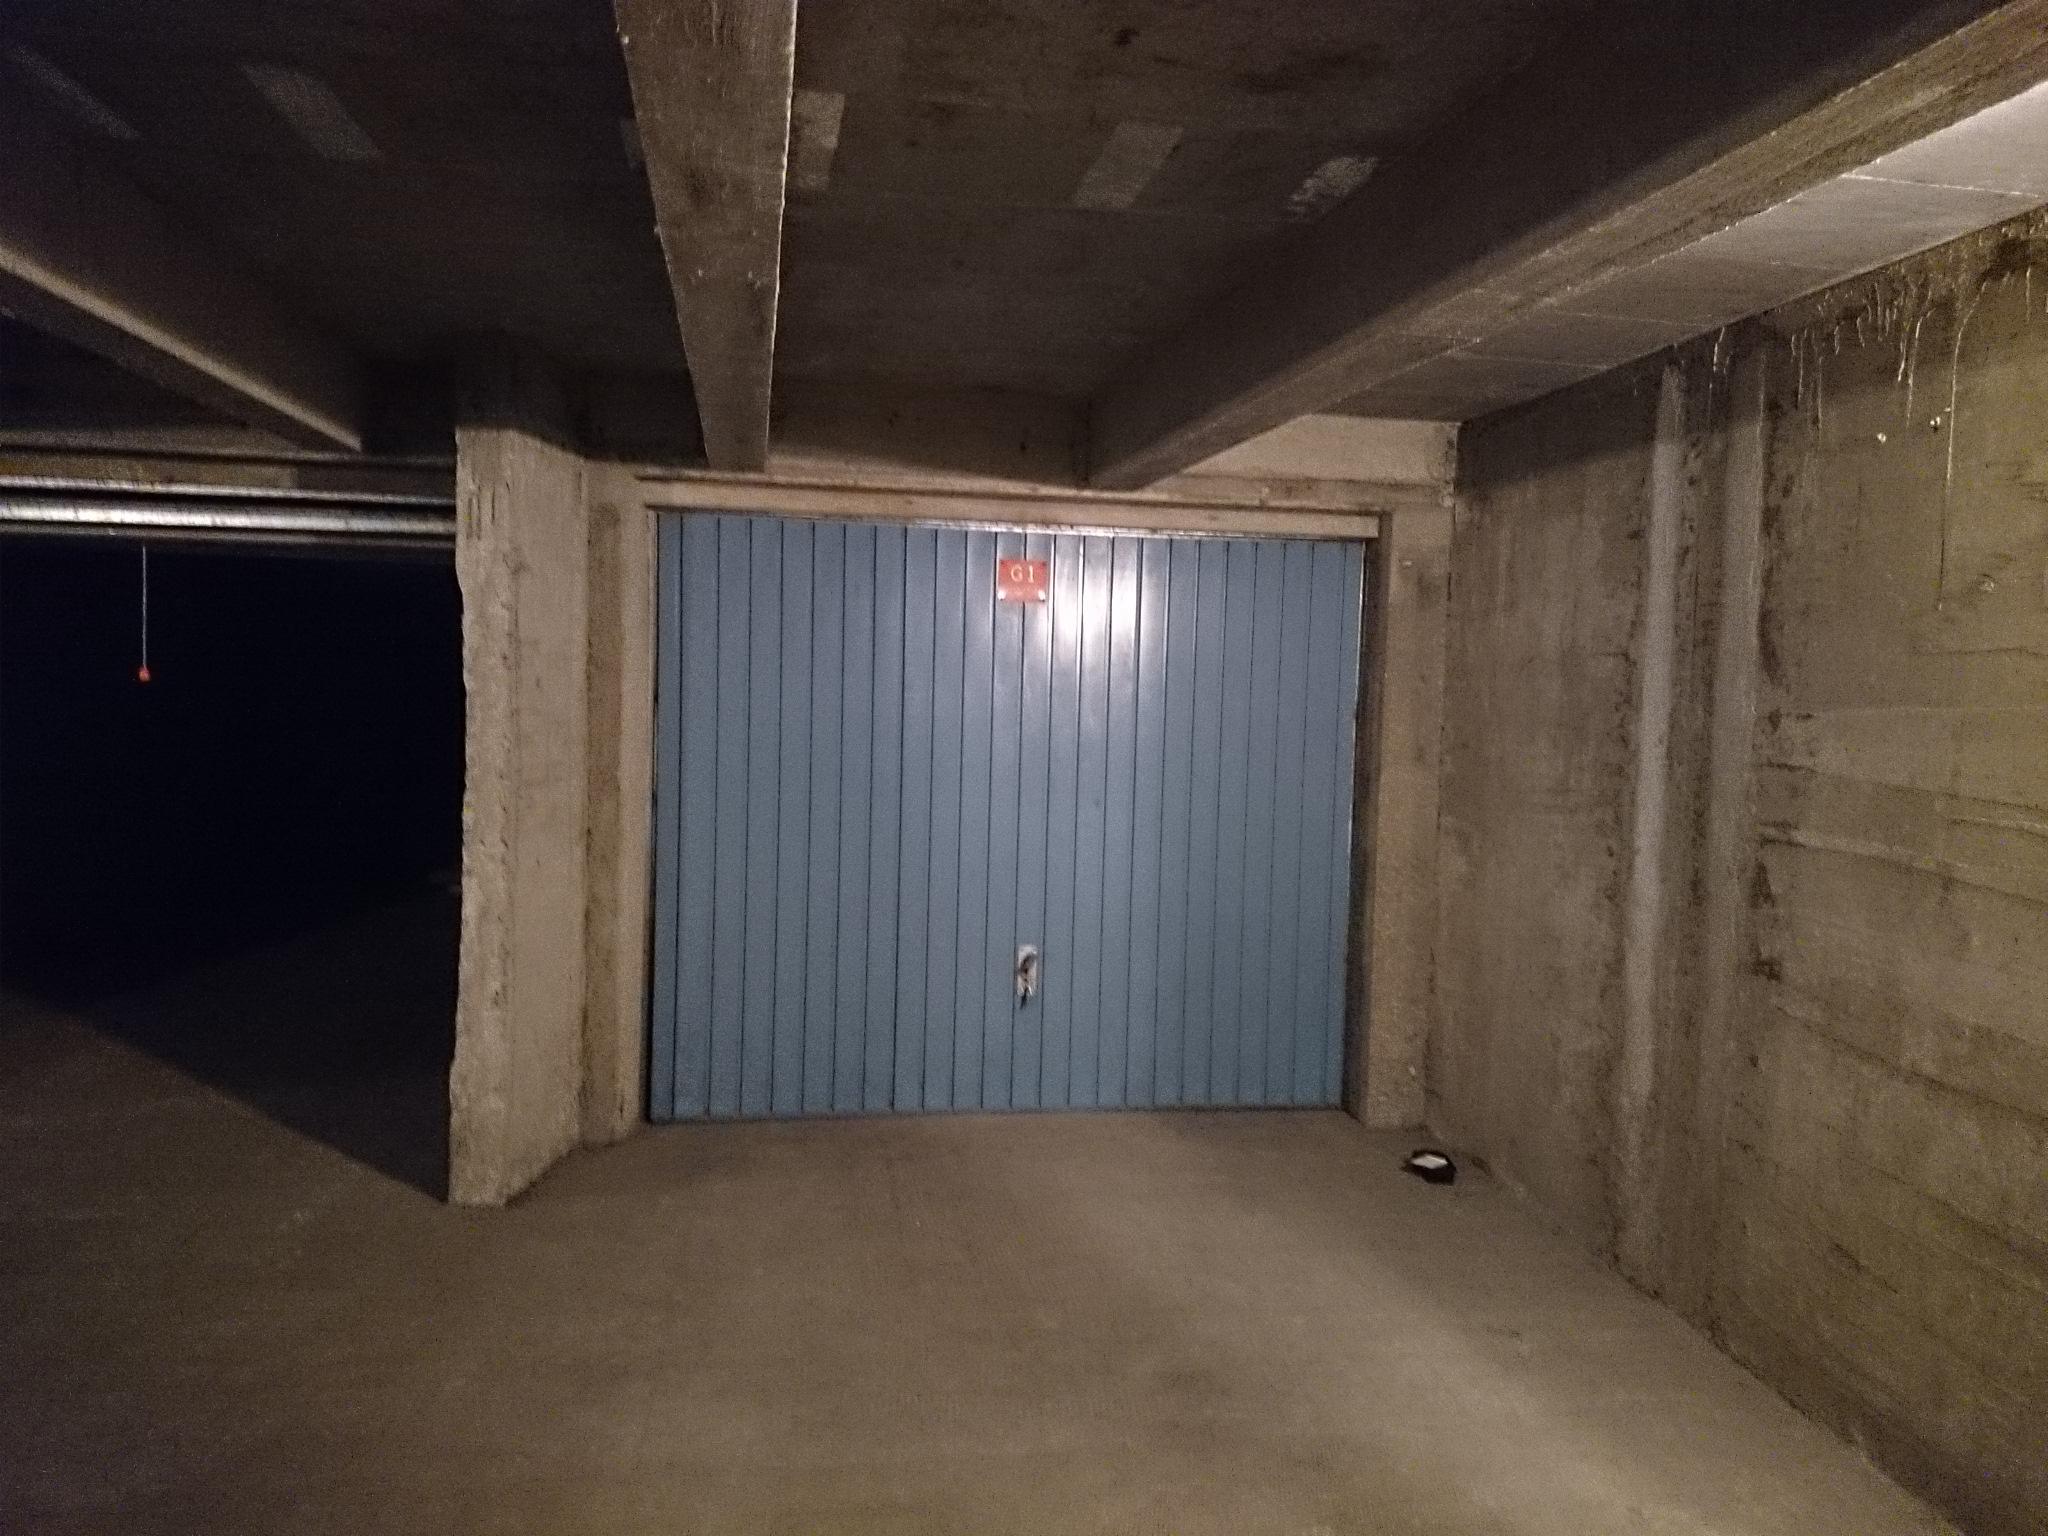 Vente garage parking saint jean de monts 85160 sur le for Garage automobile saint jean de monts